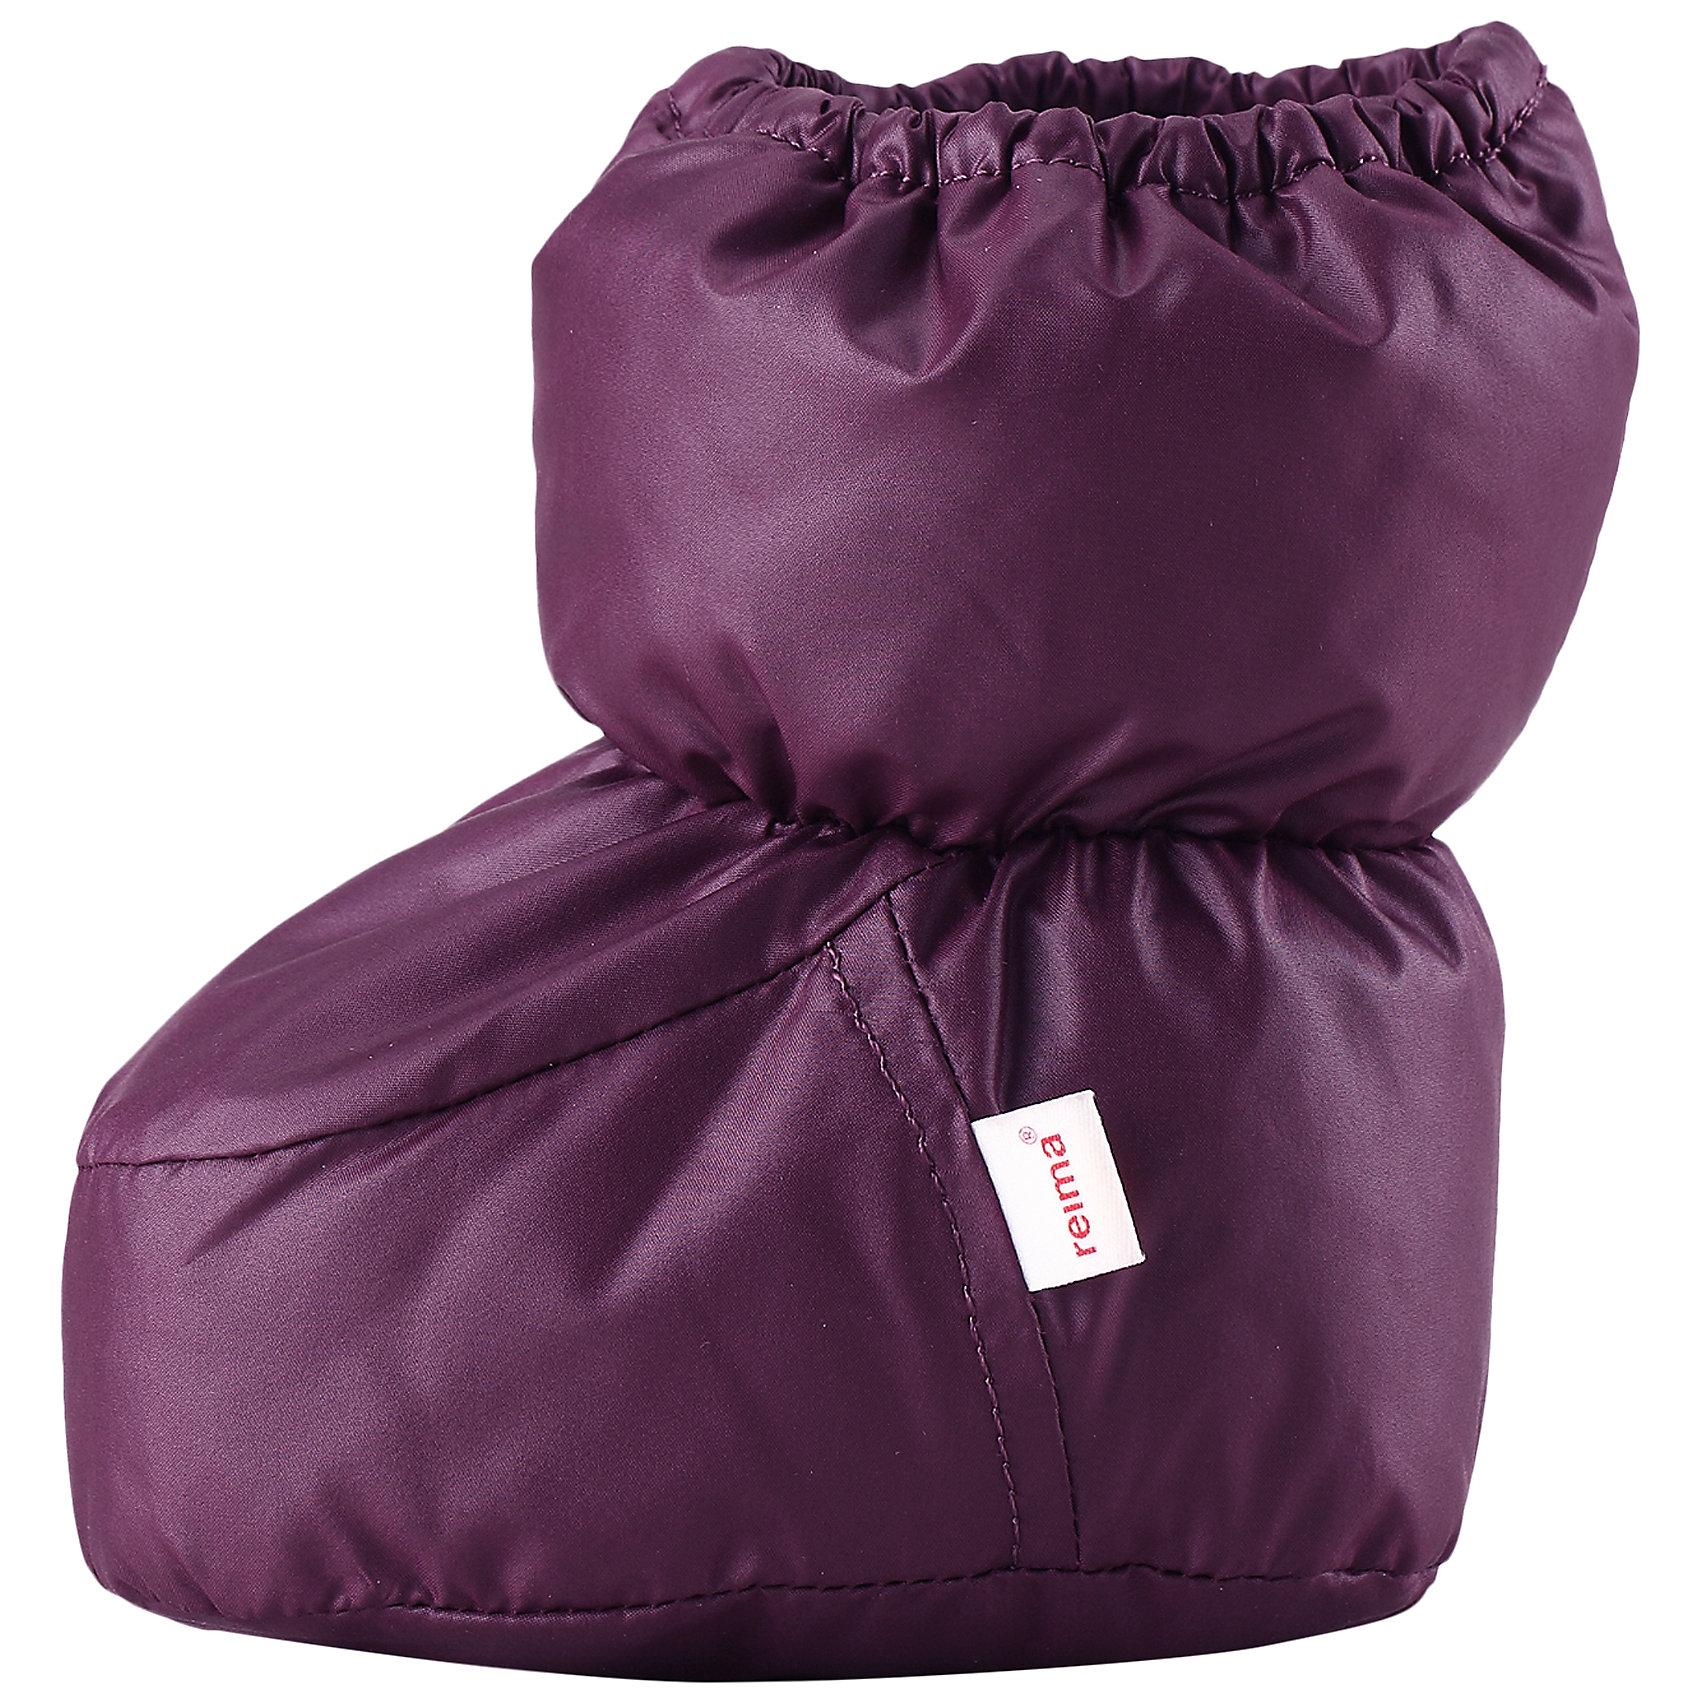 Пинетки Uskallus для девочки ReimaОбувь<br>Пинетки  Reima<br>Пинетки для самых маленьких. Водоотталкивающий, ветронепроницаемый и «дышащий» материал. Мягкая подкладка из хлопка и эластана. Легкая степень утепления. Логотип Reima® сбоку.<br>Утеплитель: Reima® Comfortinsulation,80 g<br>Уход:<br>Стирать с бельем одинакового цвета, вывернув наизнанку. Стирать моющим средством, не содержащим отбеливающие вещества. Полоскать без специального средства. Сушить при низкой температуре. <br>Состав:<br>100% Полиэстер<br><br>Ширина мм: 162<br>Глубина мм: 171<br>Высота мм: 55<br>Вес г: 119<br>Цвет: лиловый<br>Возраст от месяцев: 0<br>Возраст до месяцев: 12<br>Пол: Женский<br>Возраст: Детский<br>Размер: 0,1<br>SKU: 4775646